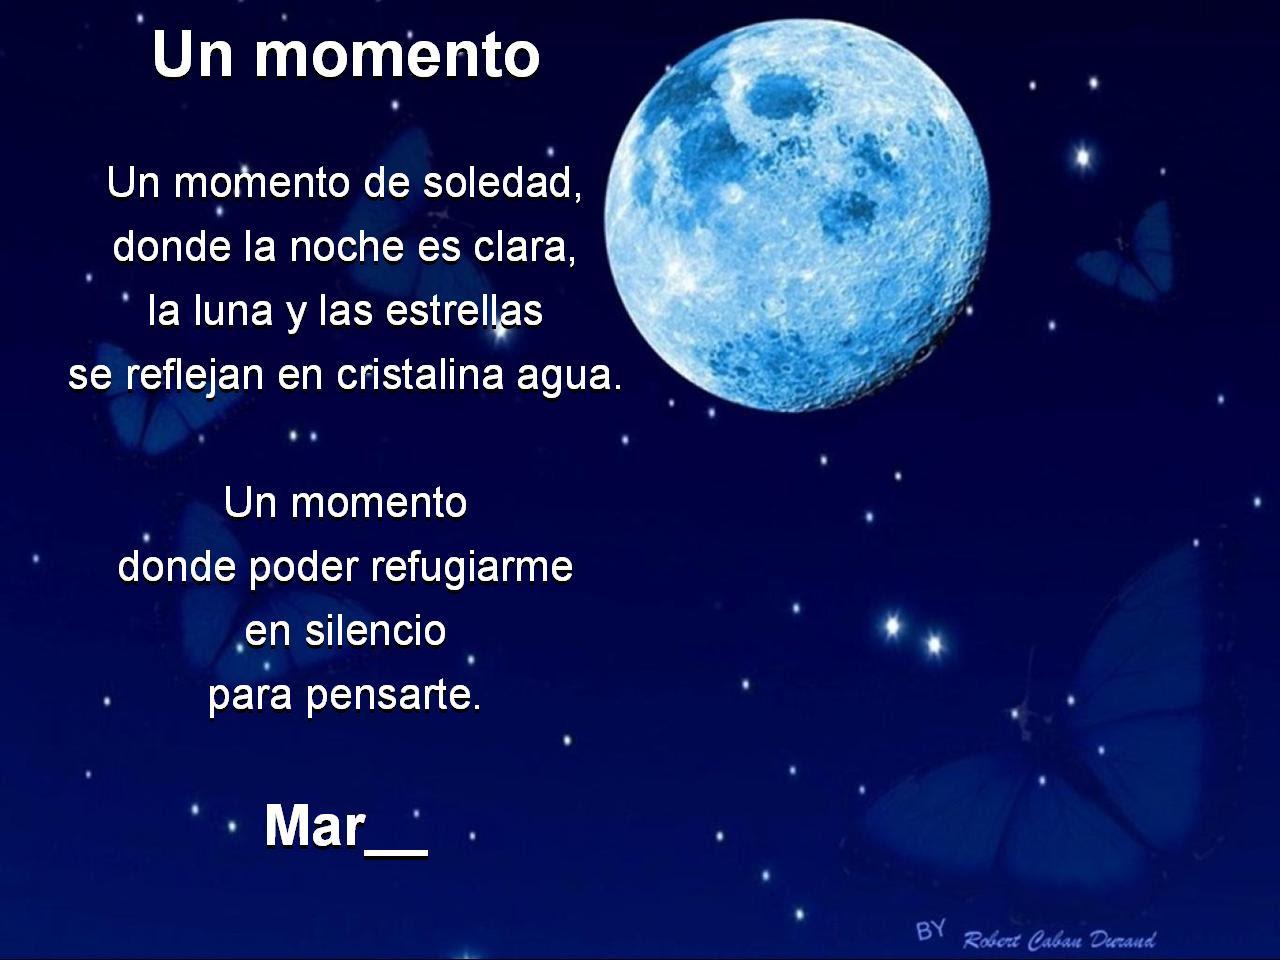 Frases De Amor Un Momento